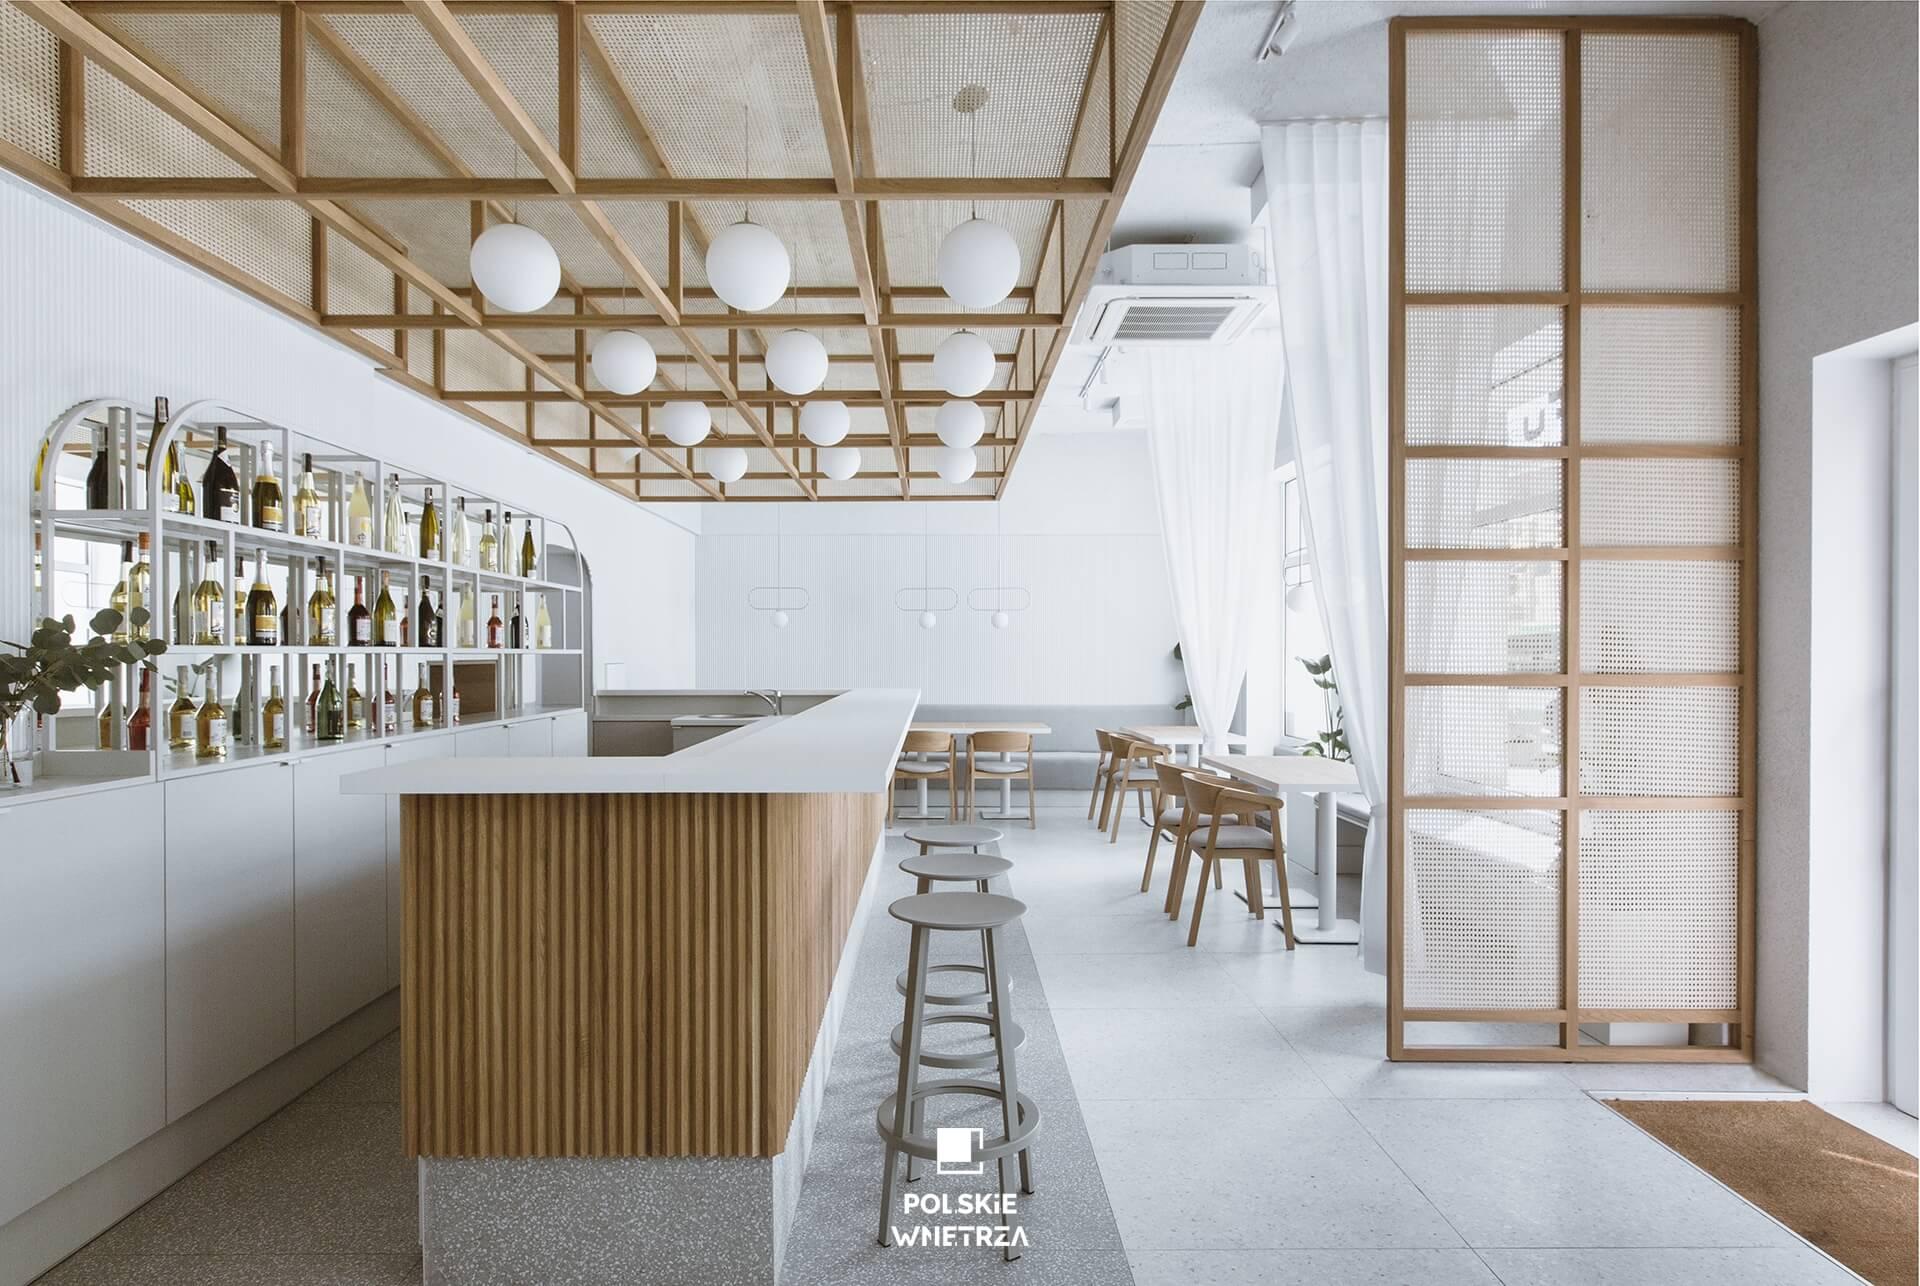 Restauracja Futu Sushi w Białymstoku autorstwa 74studio - Polskie Wnętrza